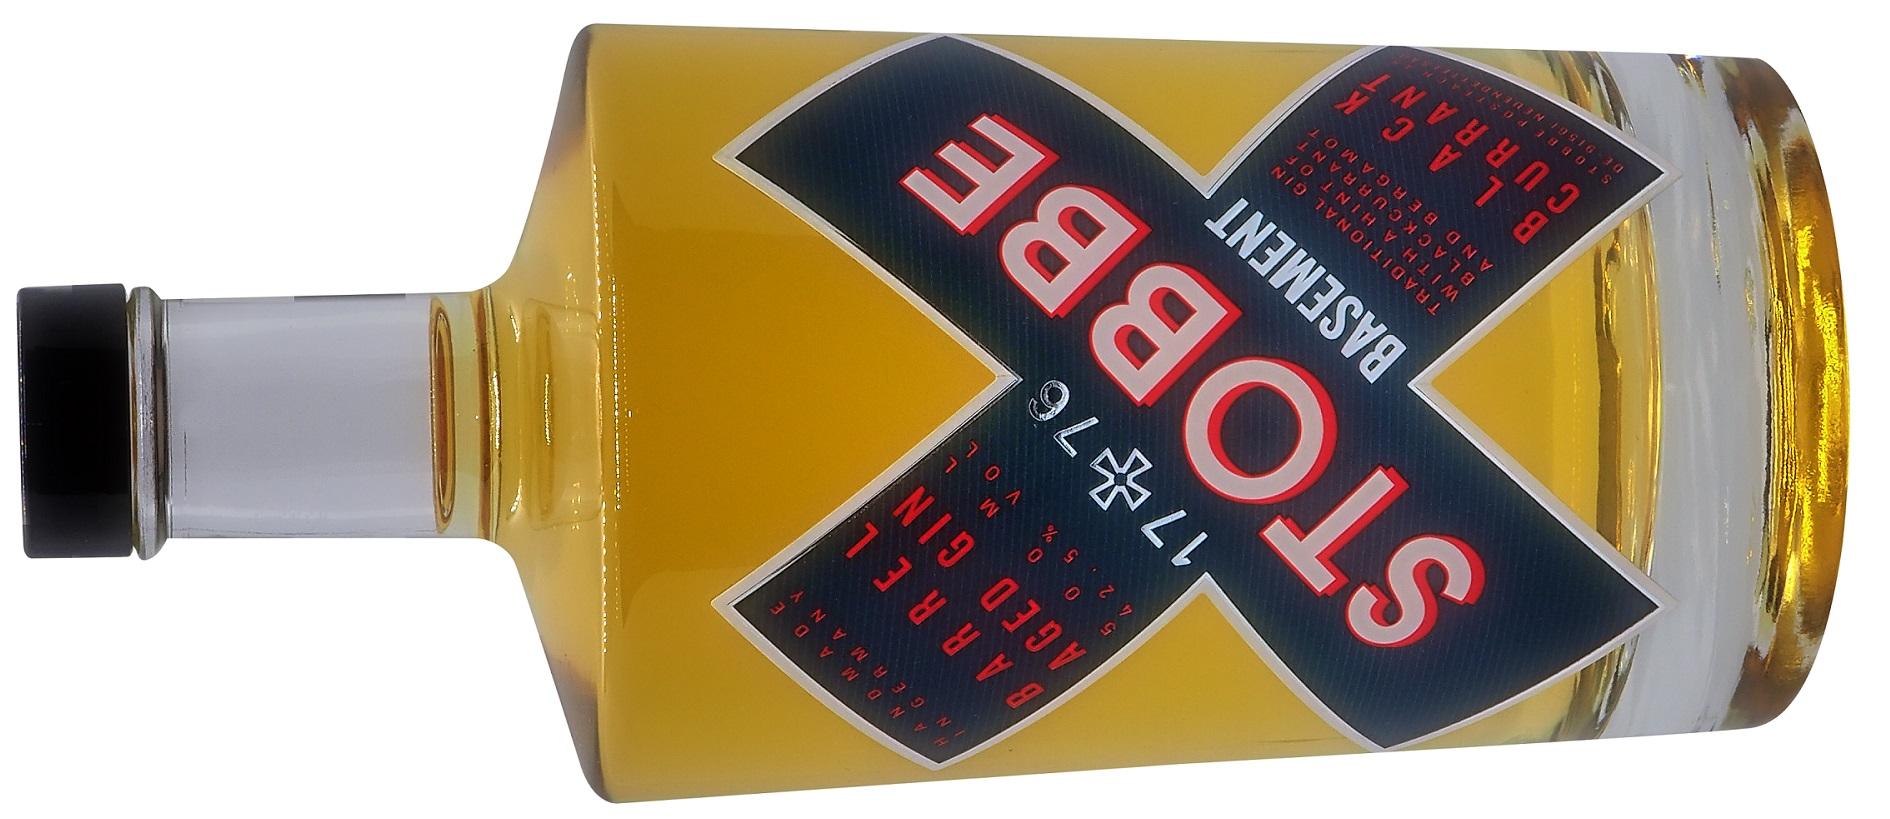 deutscher Gin von Stobbe: BASEMENT